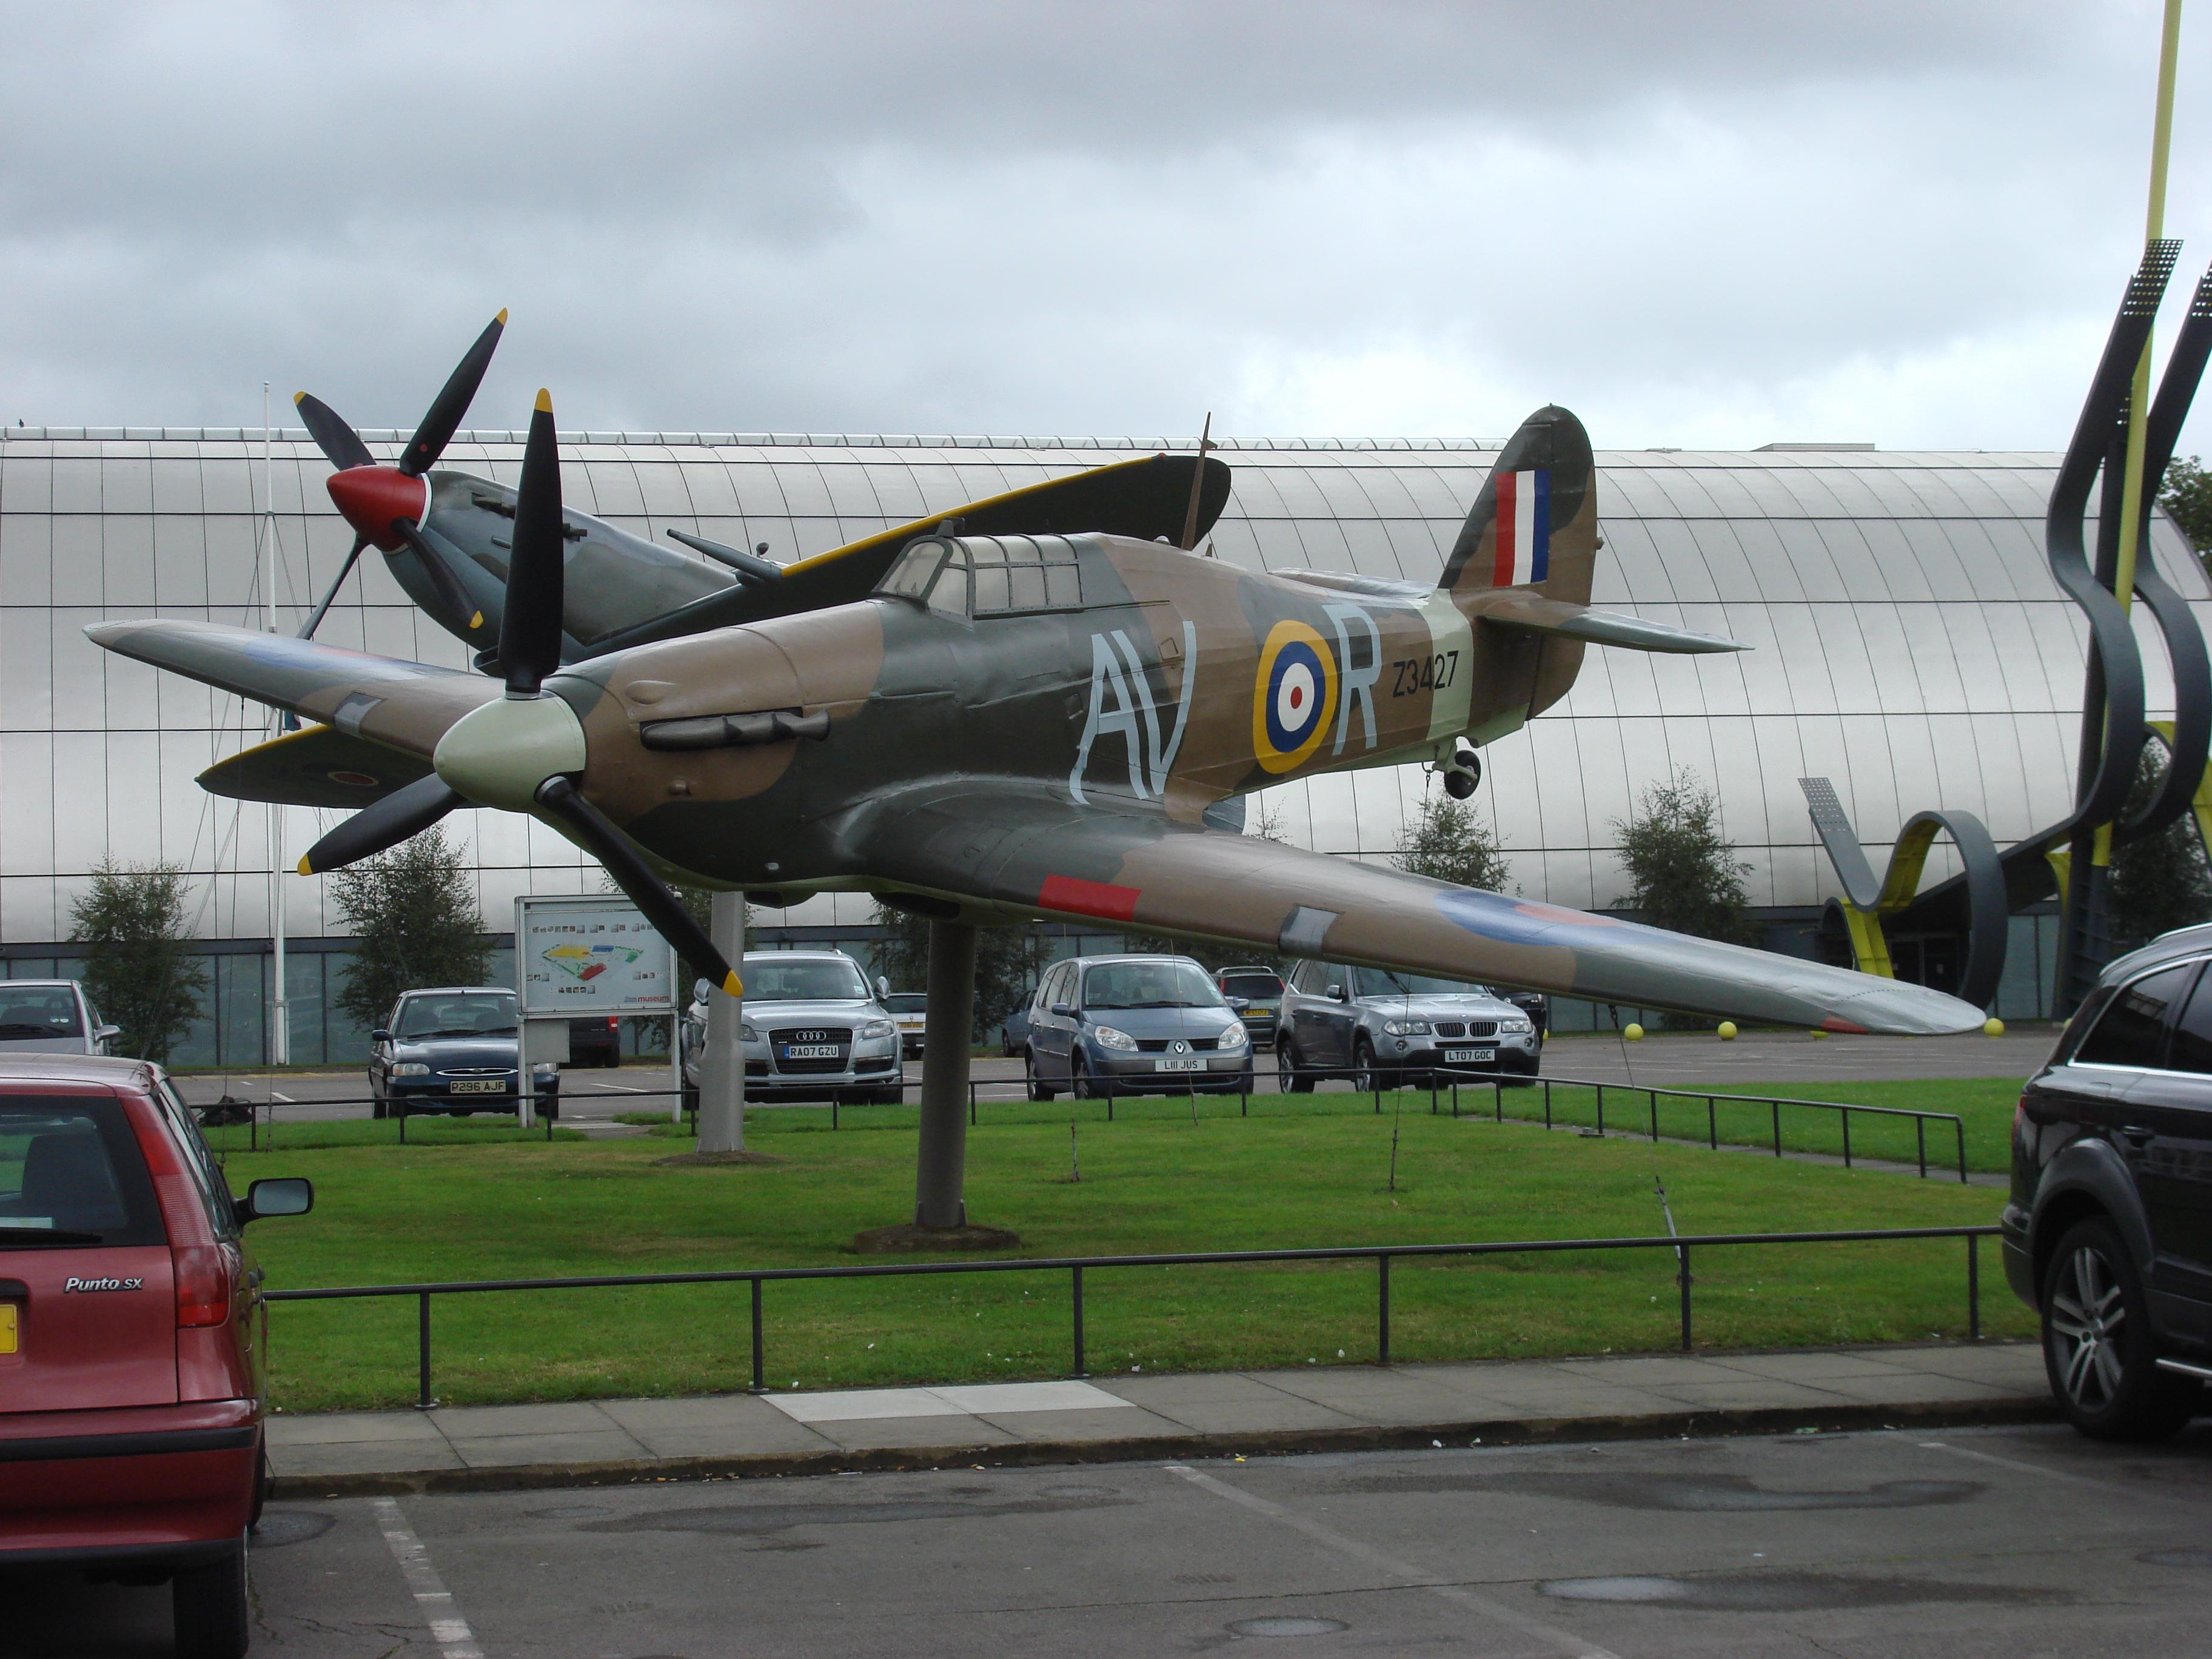 File:RAF Museum London...